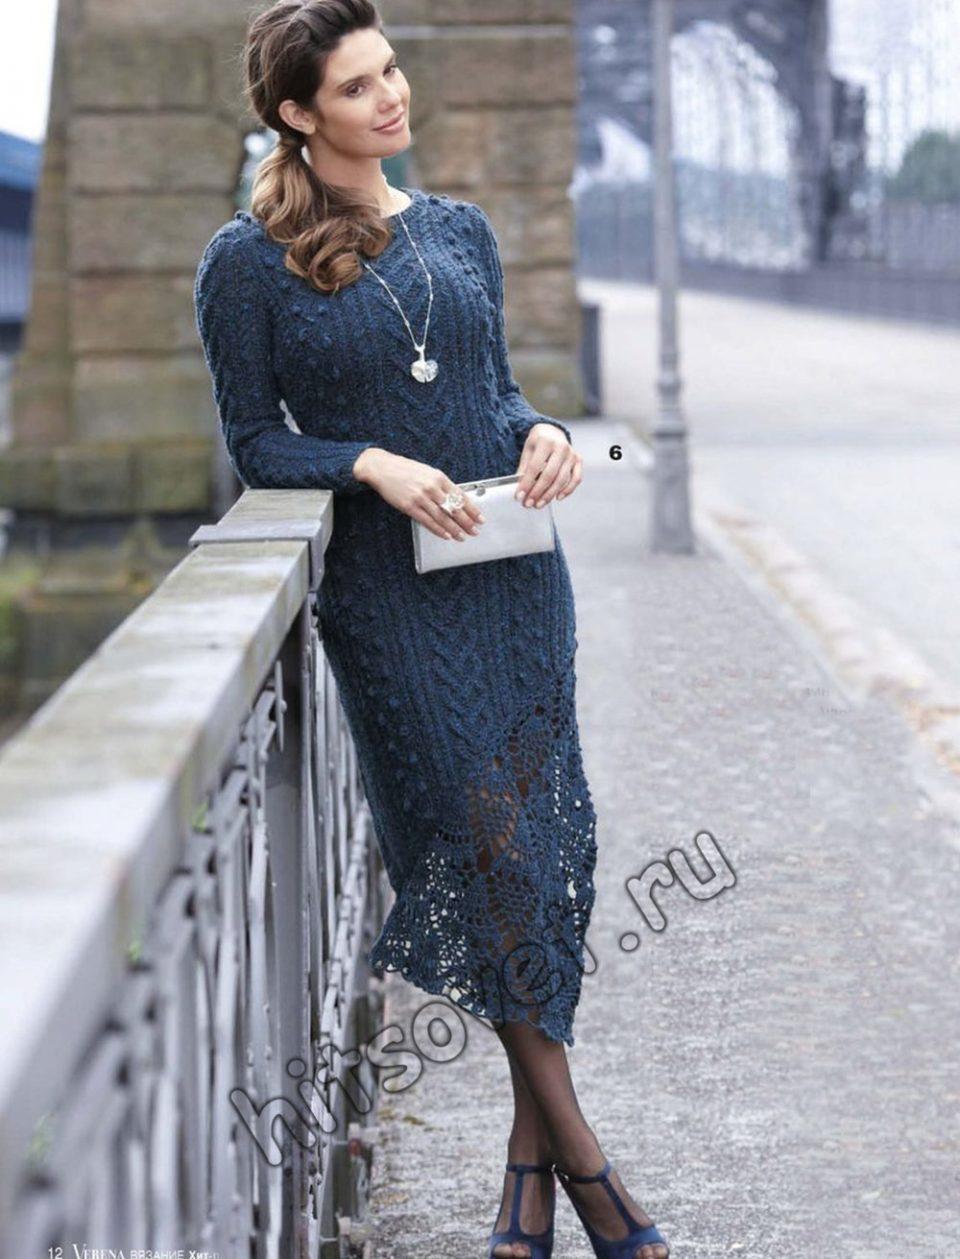 Вязаное платье с кружевом внизу, фото.